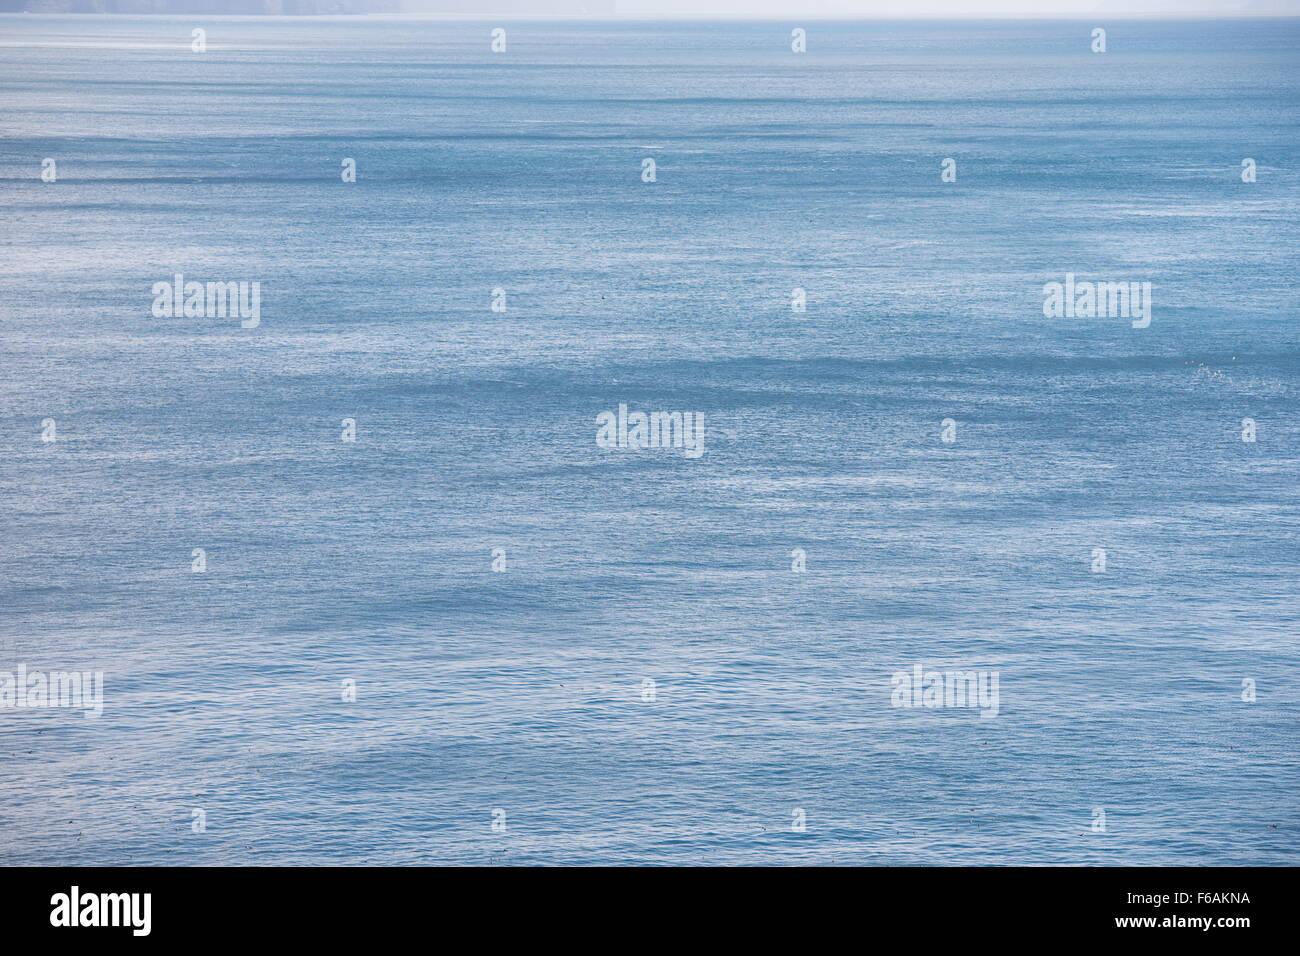 L'océan bleu avec en toile de fond de l'eau d'un bleu profond et le vent Photo Stock